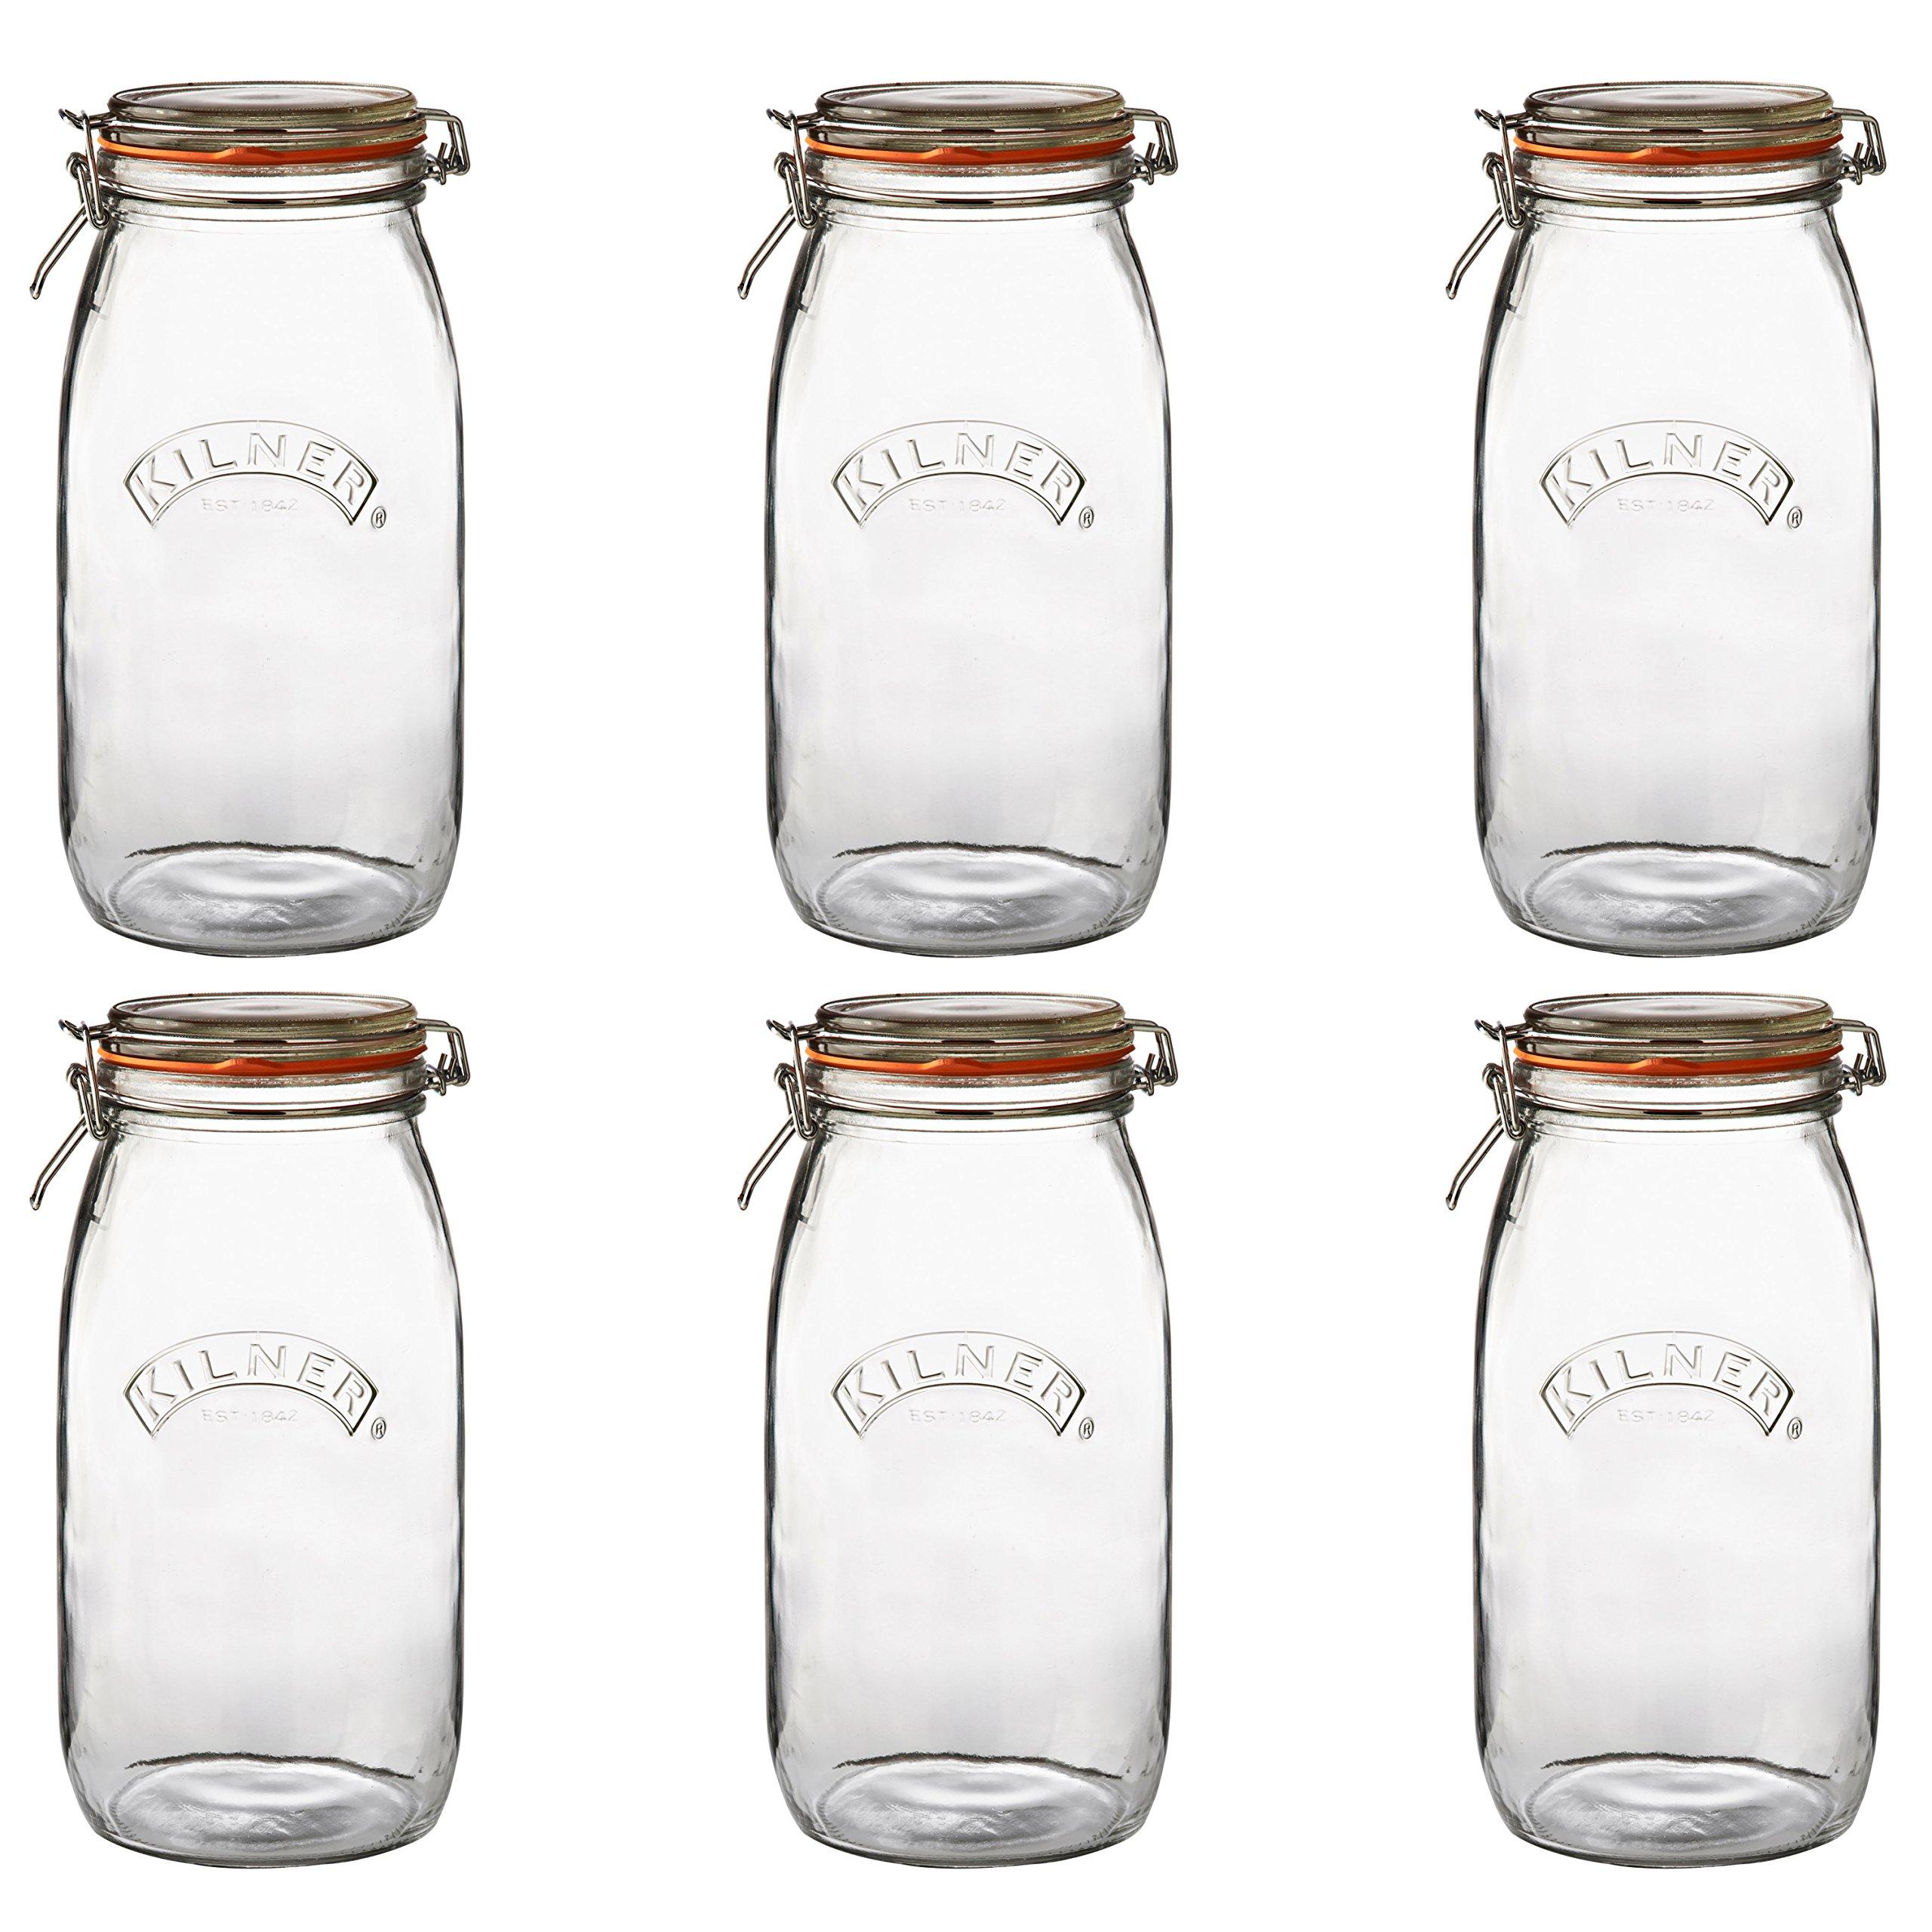 Kilner Round Clip Top Jar, 102-Fl Oz, Case of 6